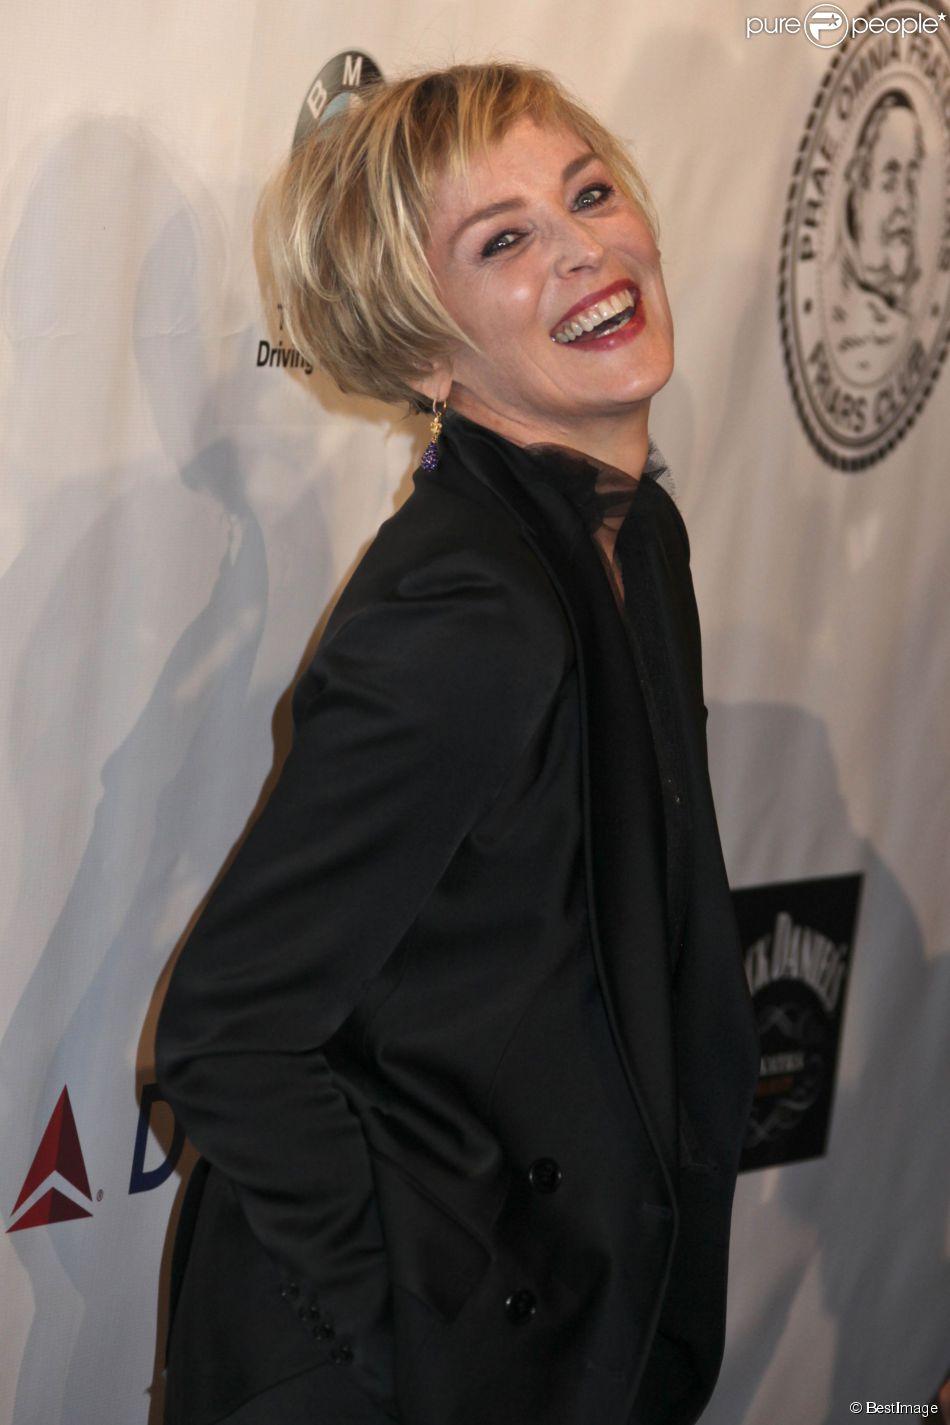 Sharon Stone - People à la soirée de gala pour la fondation Friars à New York, le 7 octobre 2014.